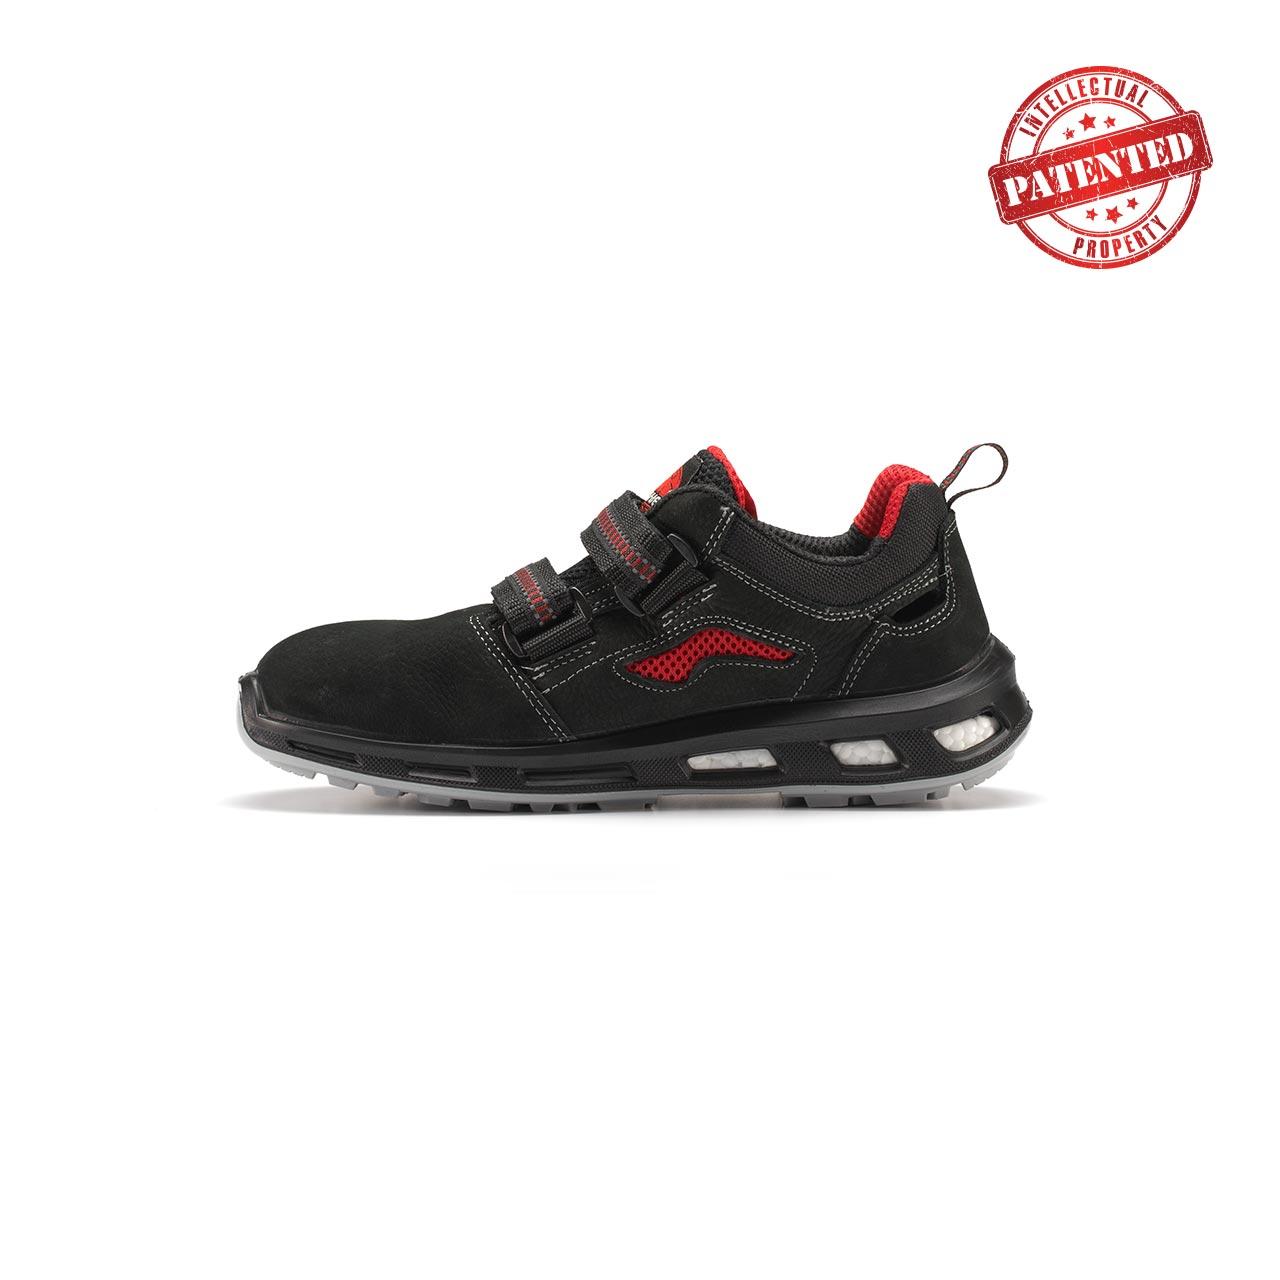 calzatura da lavoro upower modello cody linea redlion vista lato sinistra